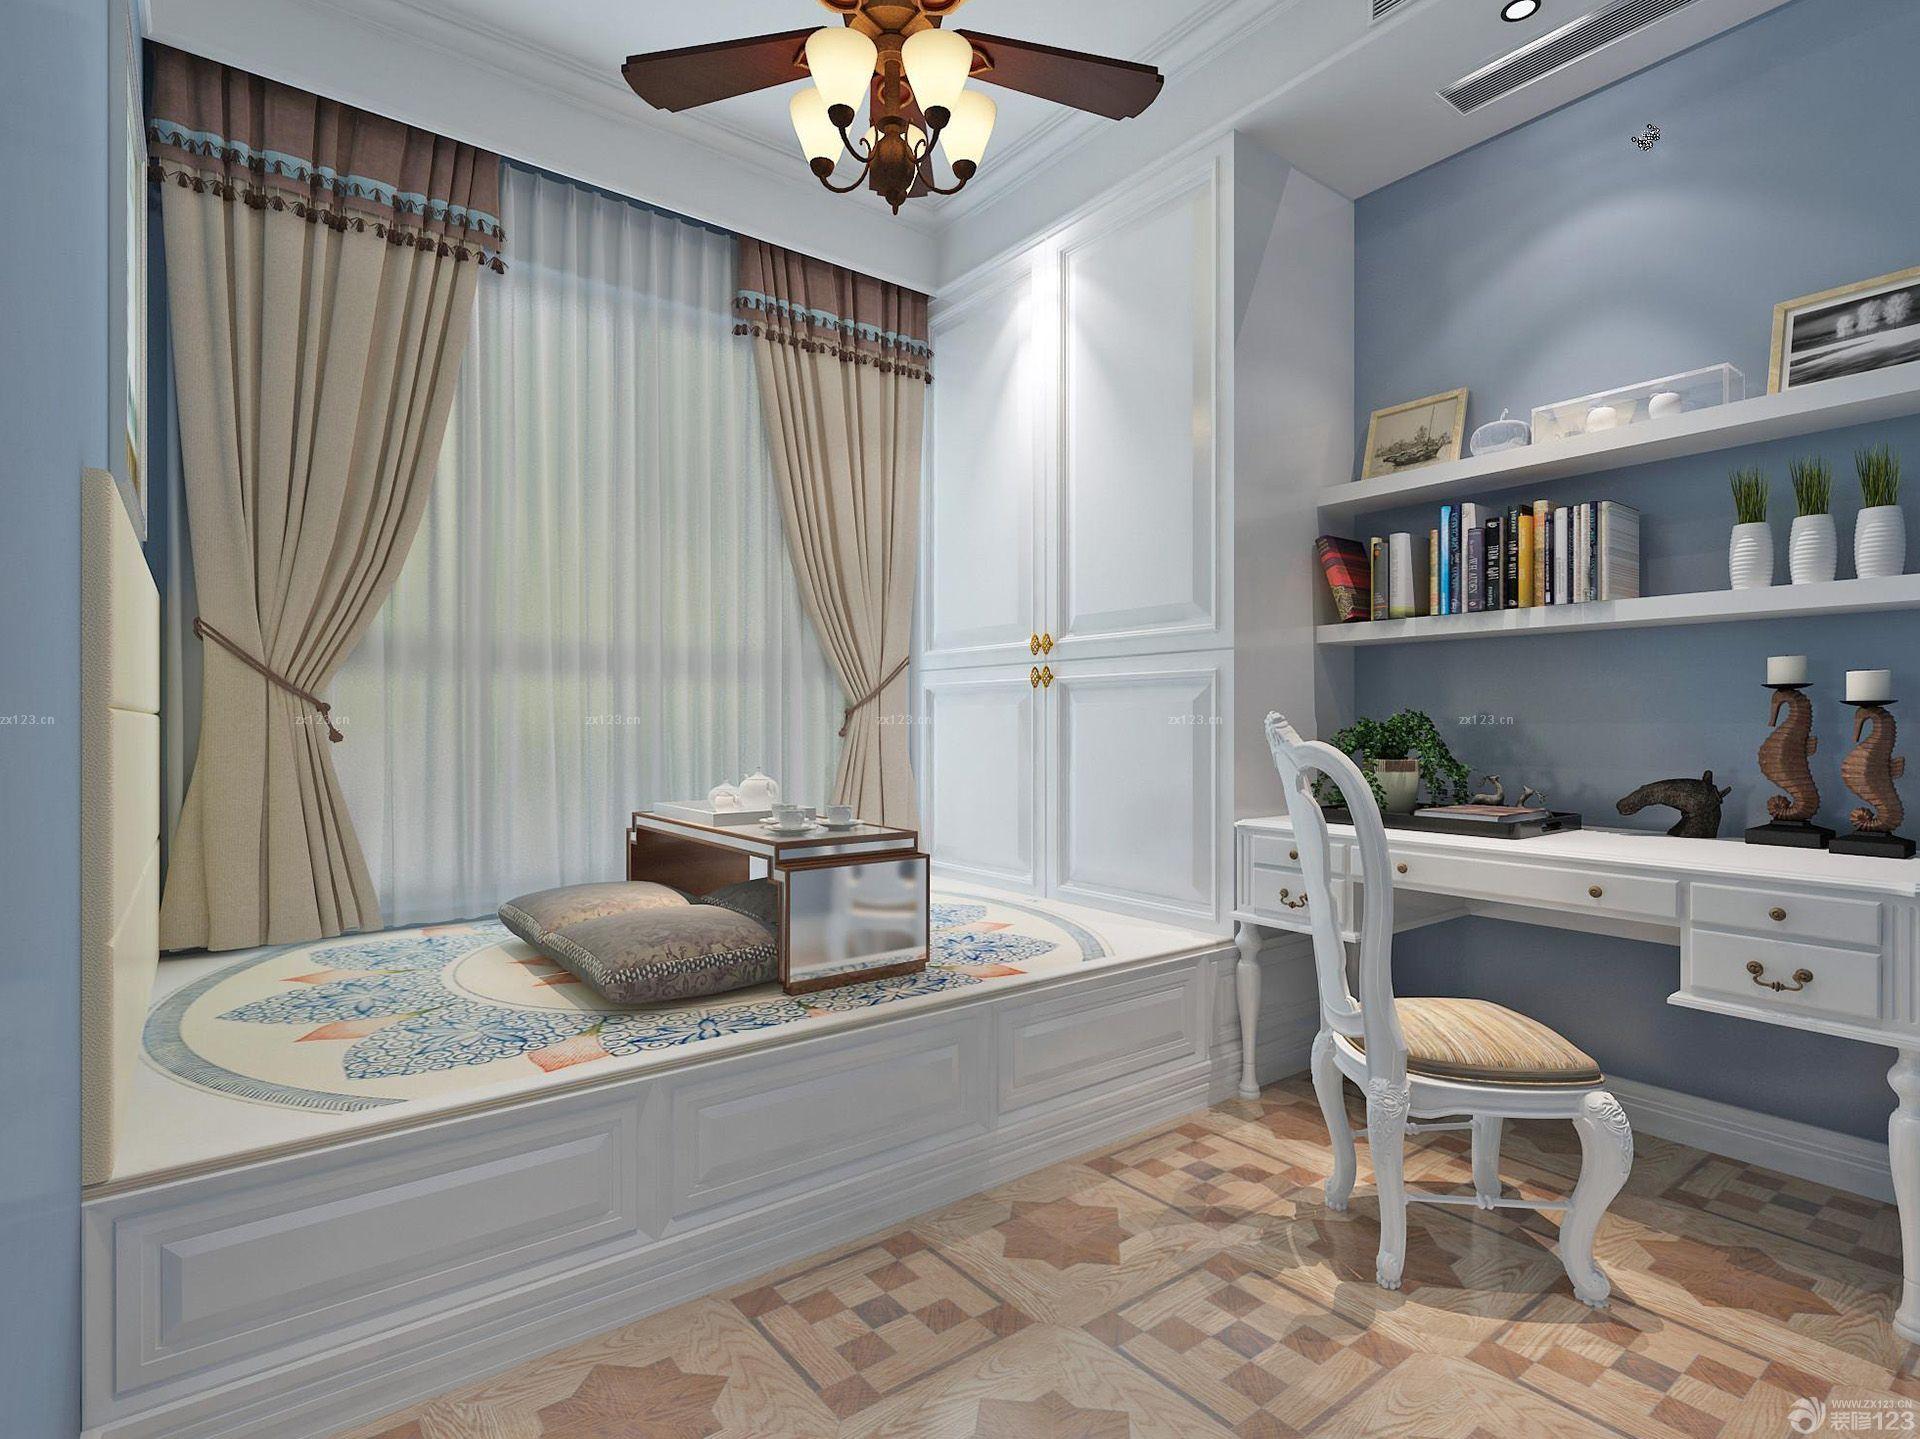 仿古砖橱柜效果图_现代欧式风格厨房白色橱柜地面瓷砖效果图大全_设计456装修效果图